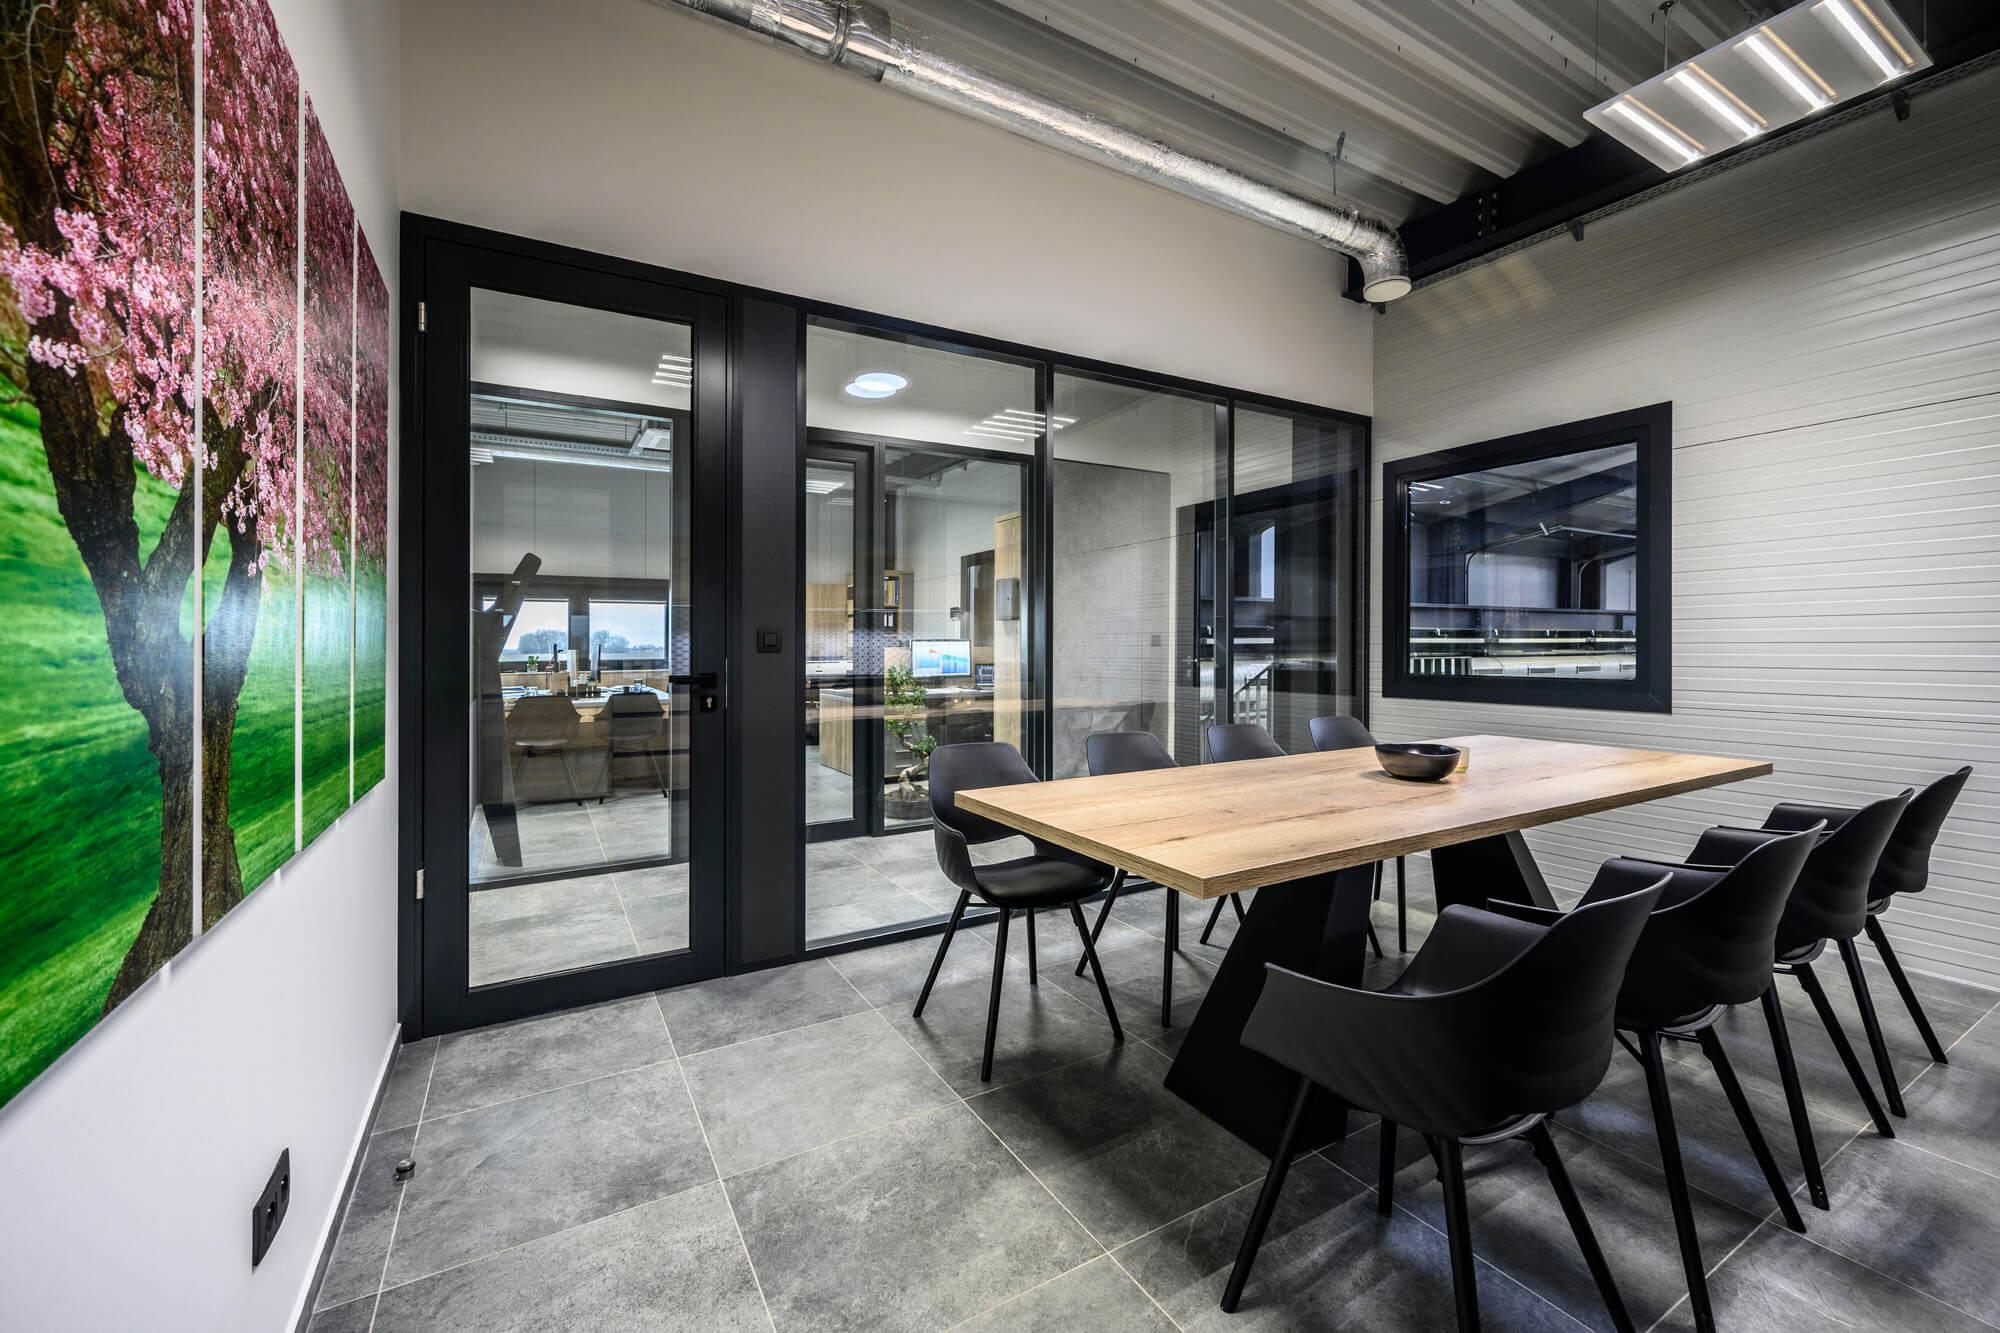 Saját tervezésű iroda